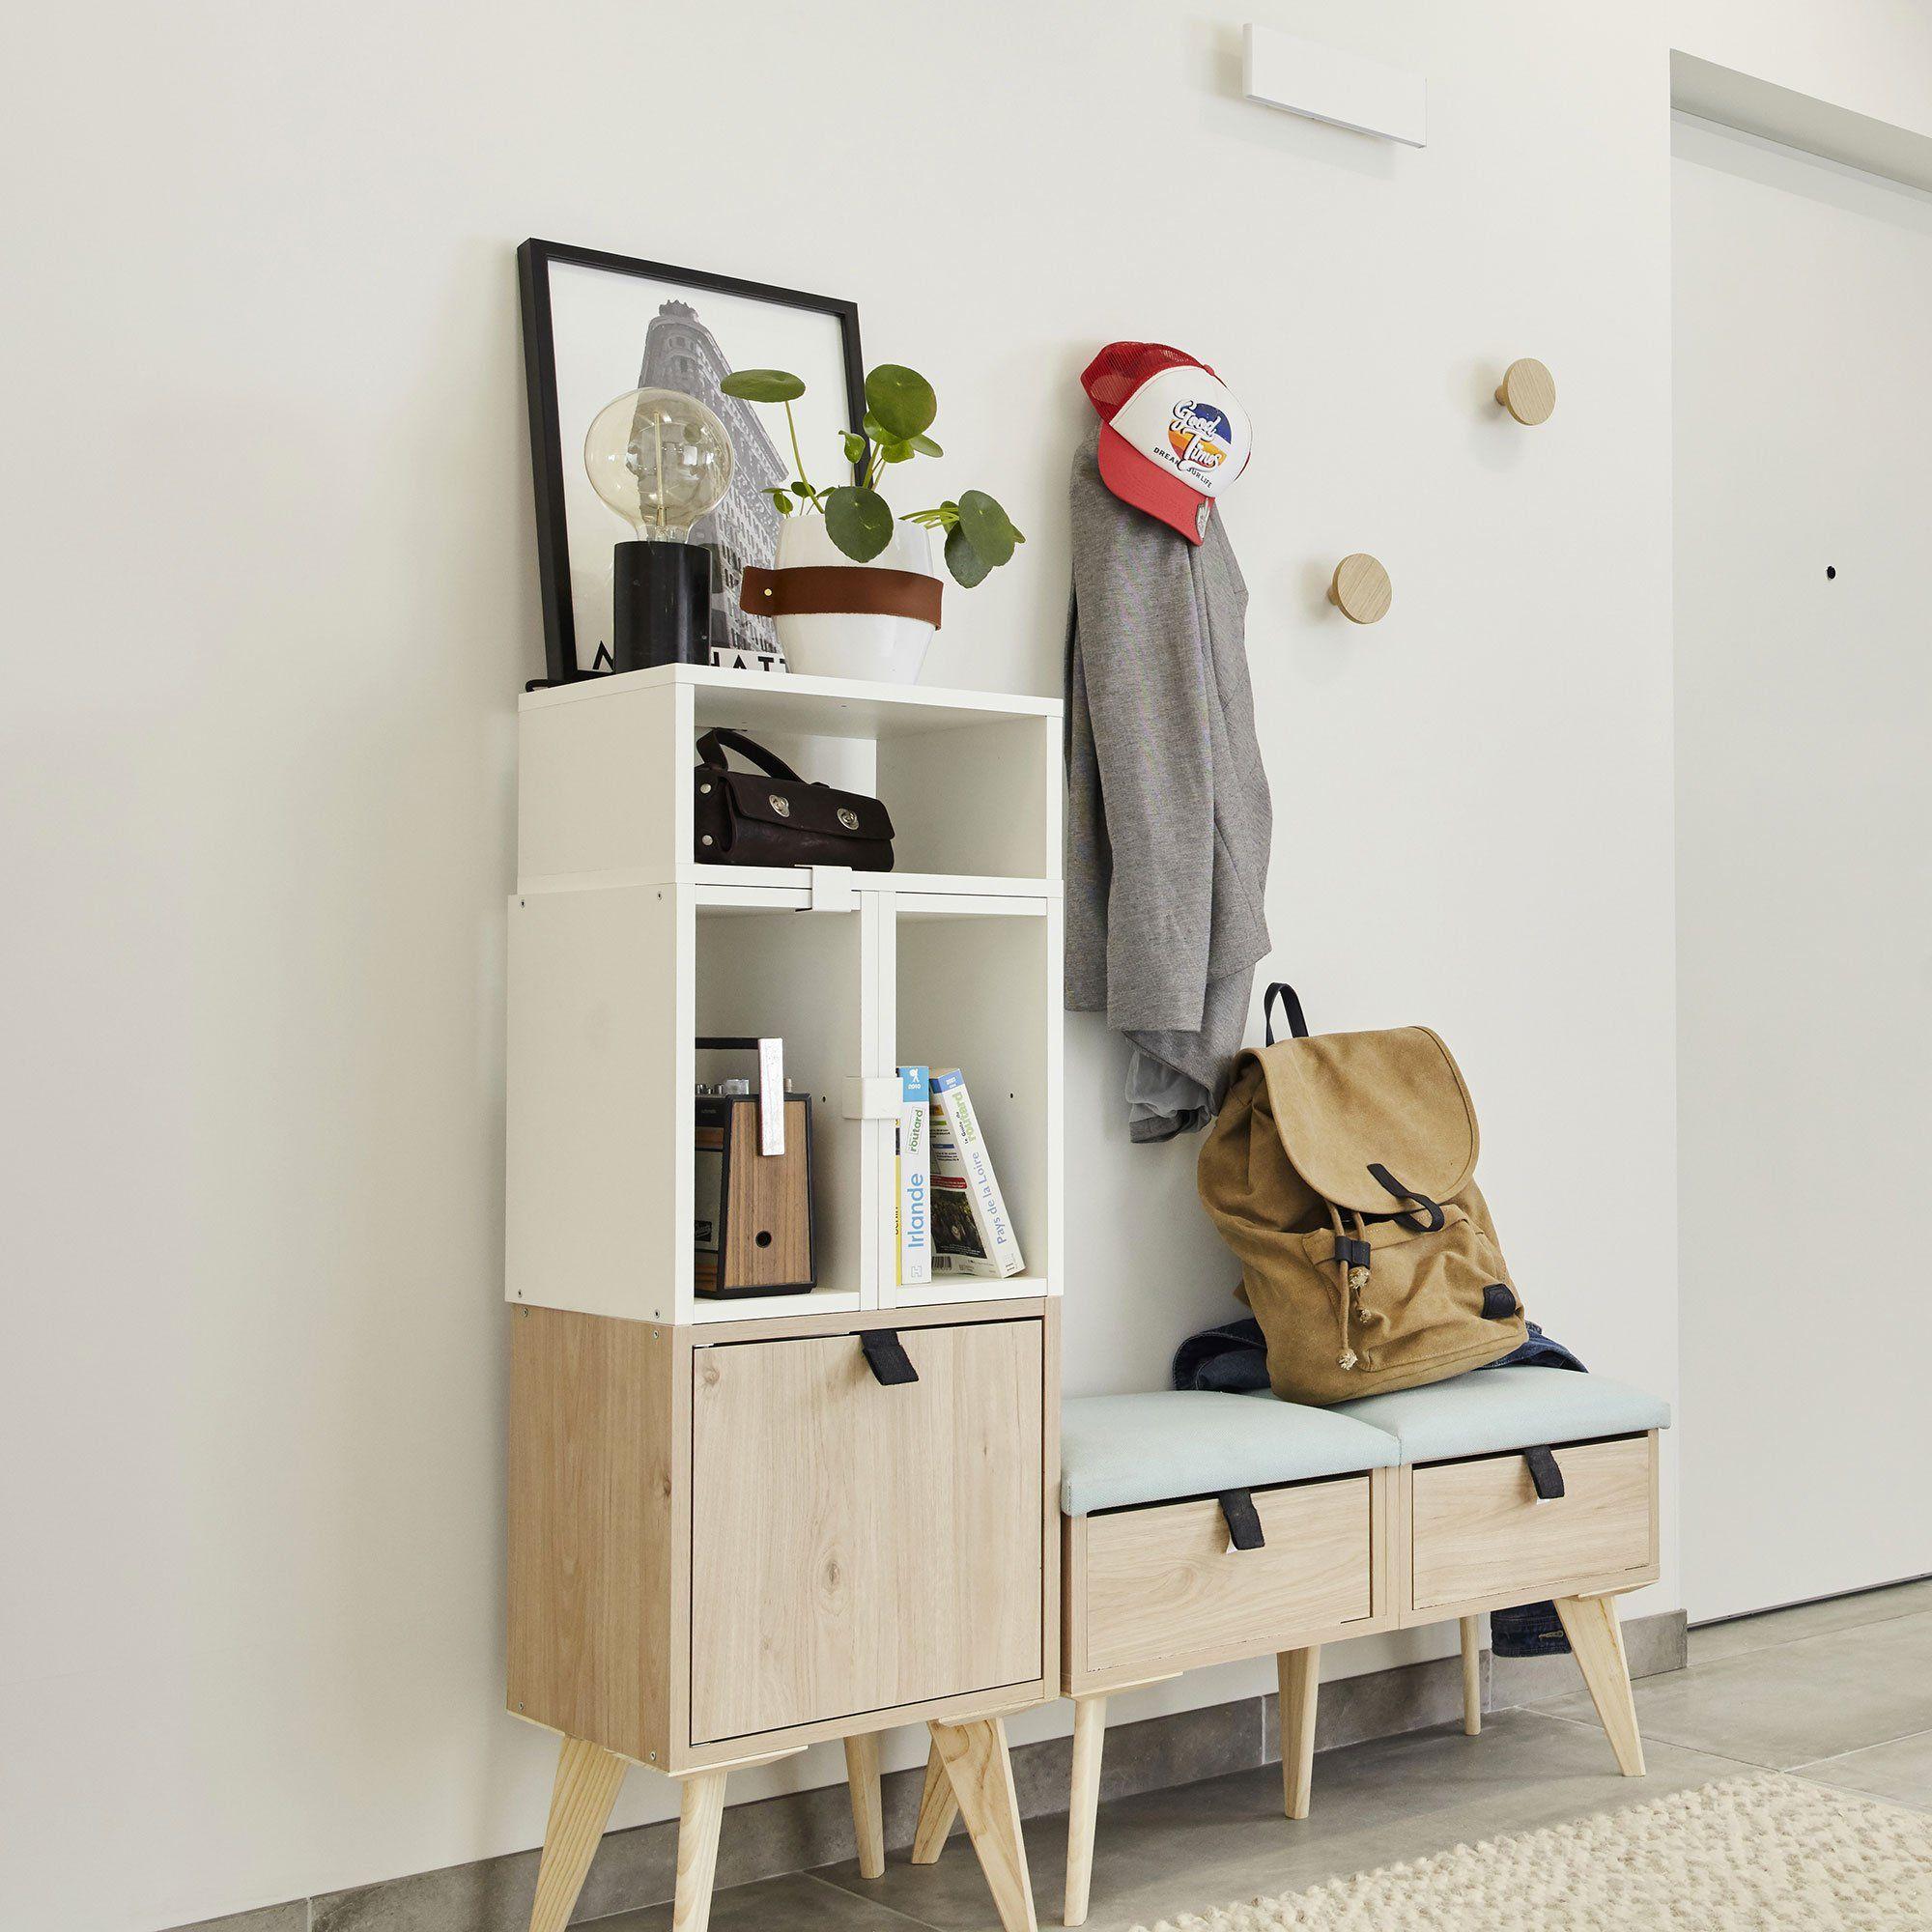 Une Entree Bien Pensee 5 Idees A Copier En 2020 Rangement Au Plafond Decoration Entree Appartement Mobilier De Salon